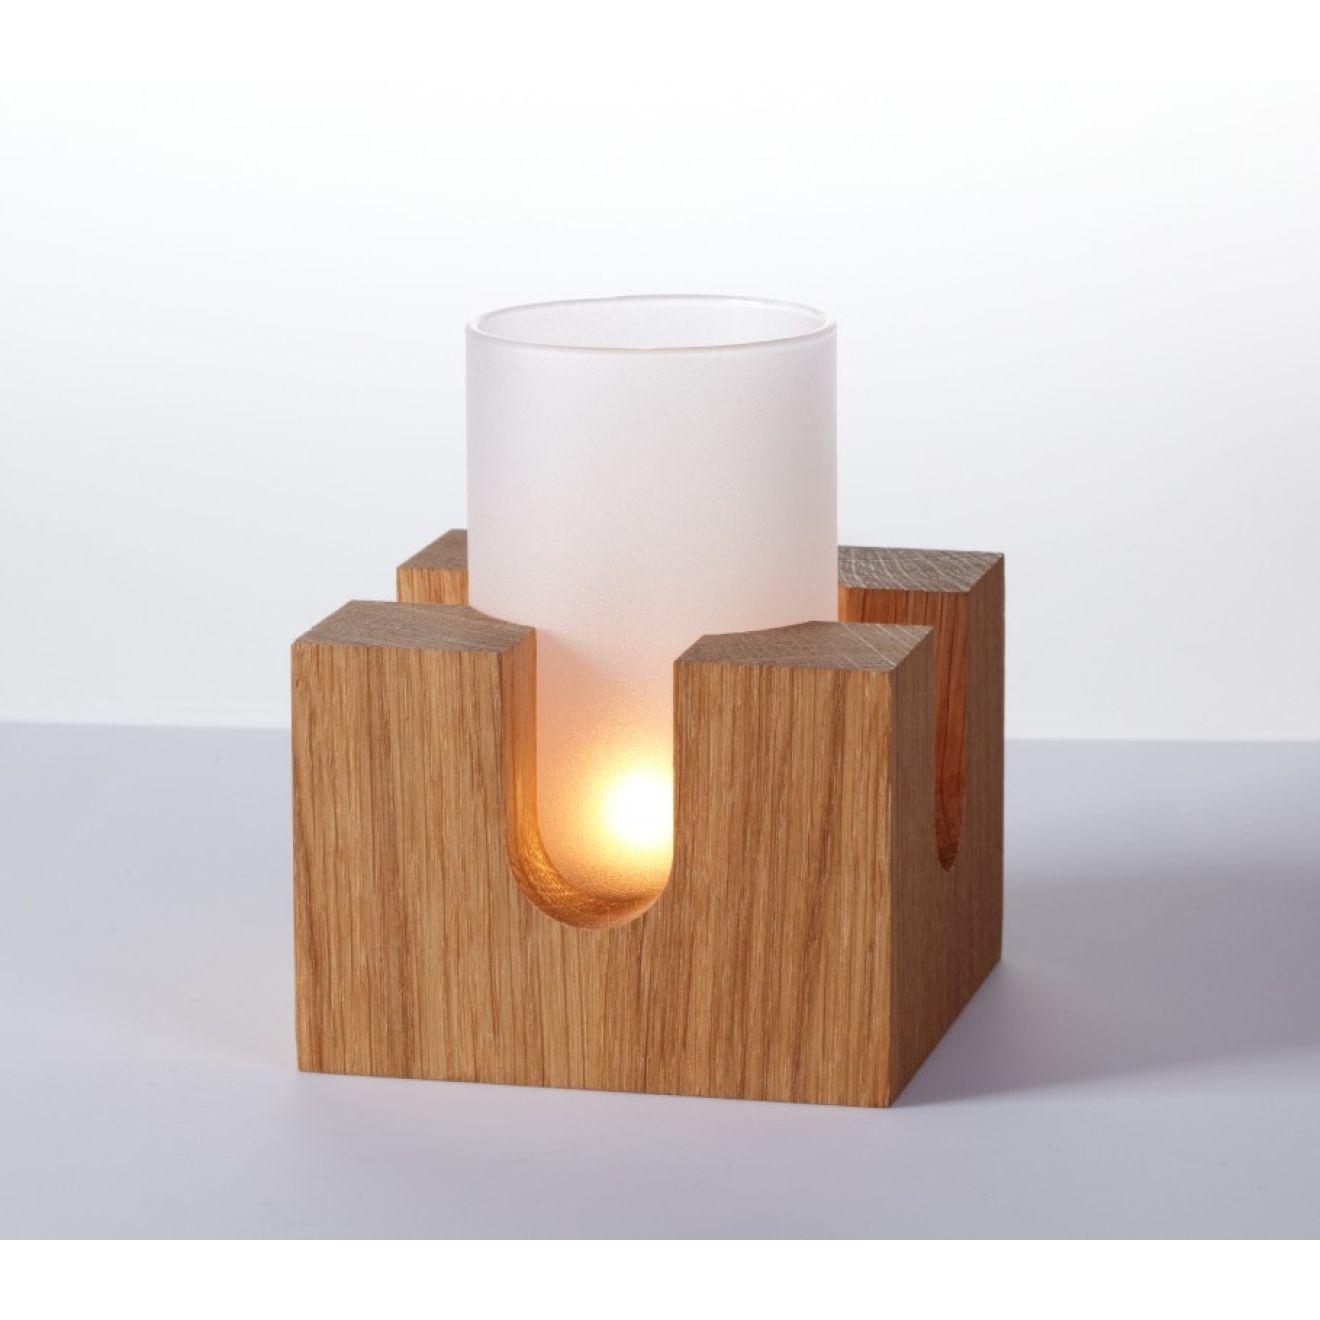 Cubo windlicht st vchen teest vchen aus holz glas for Holz windlicht